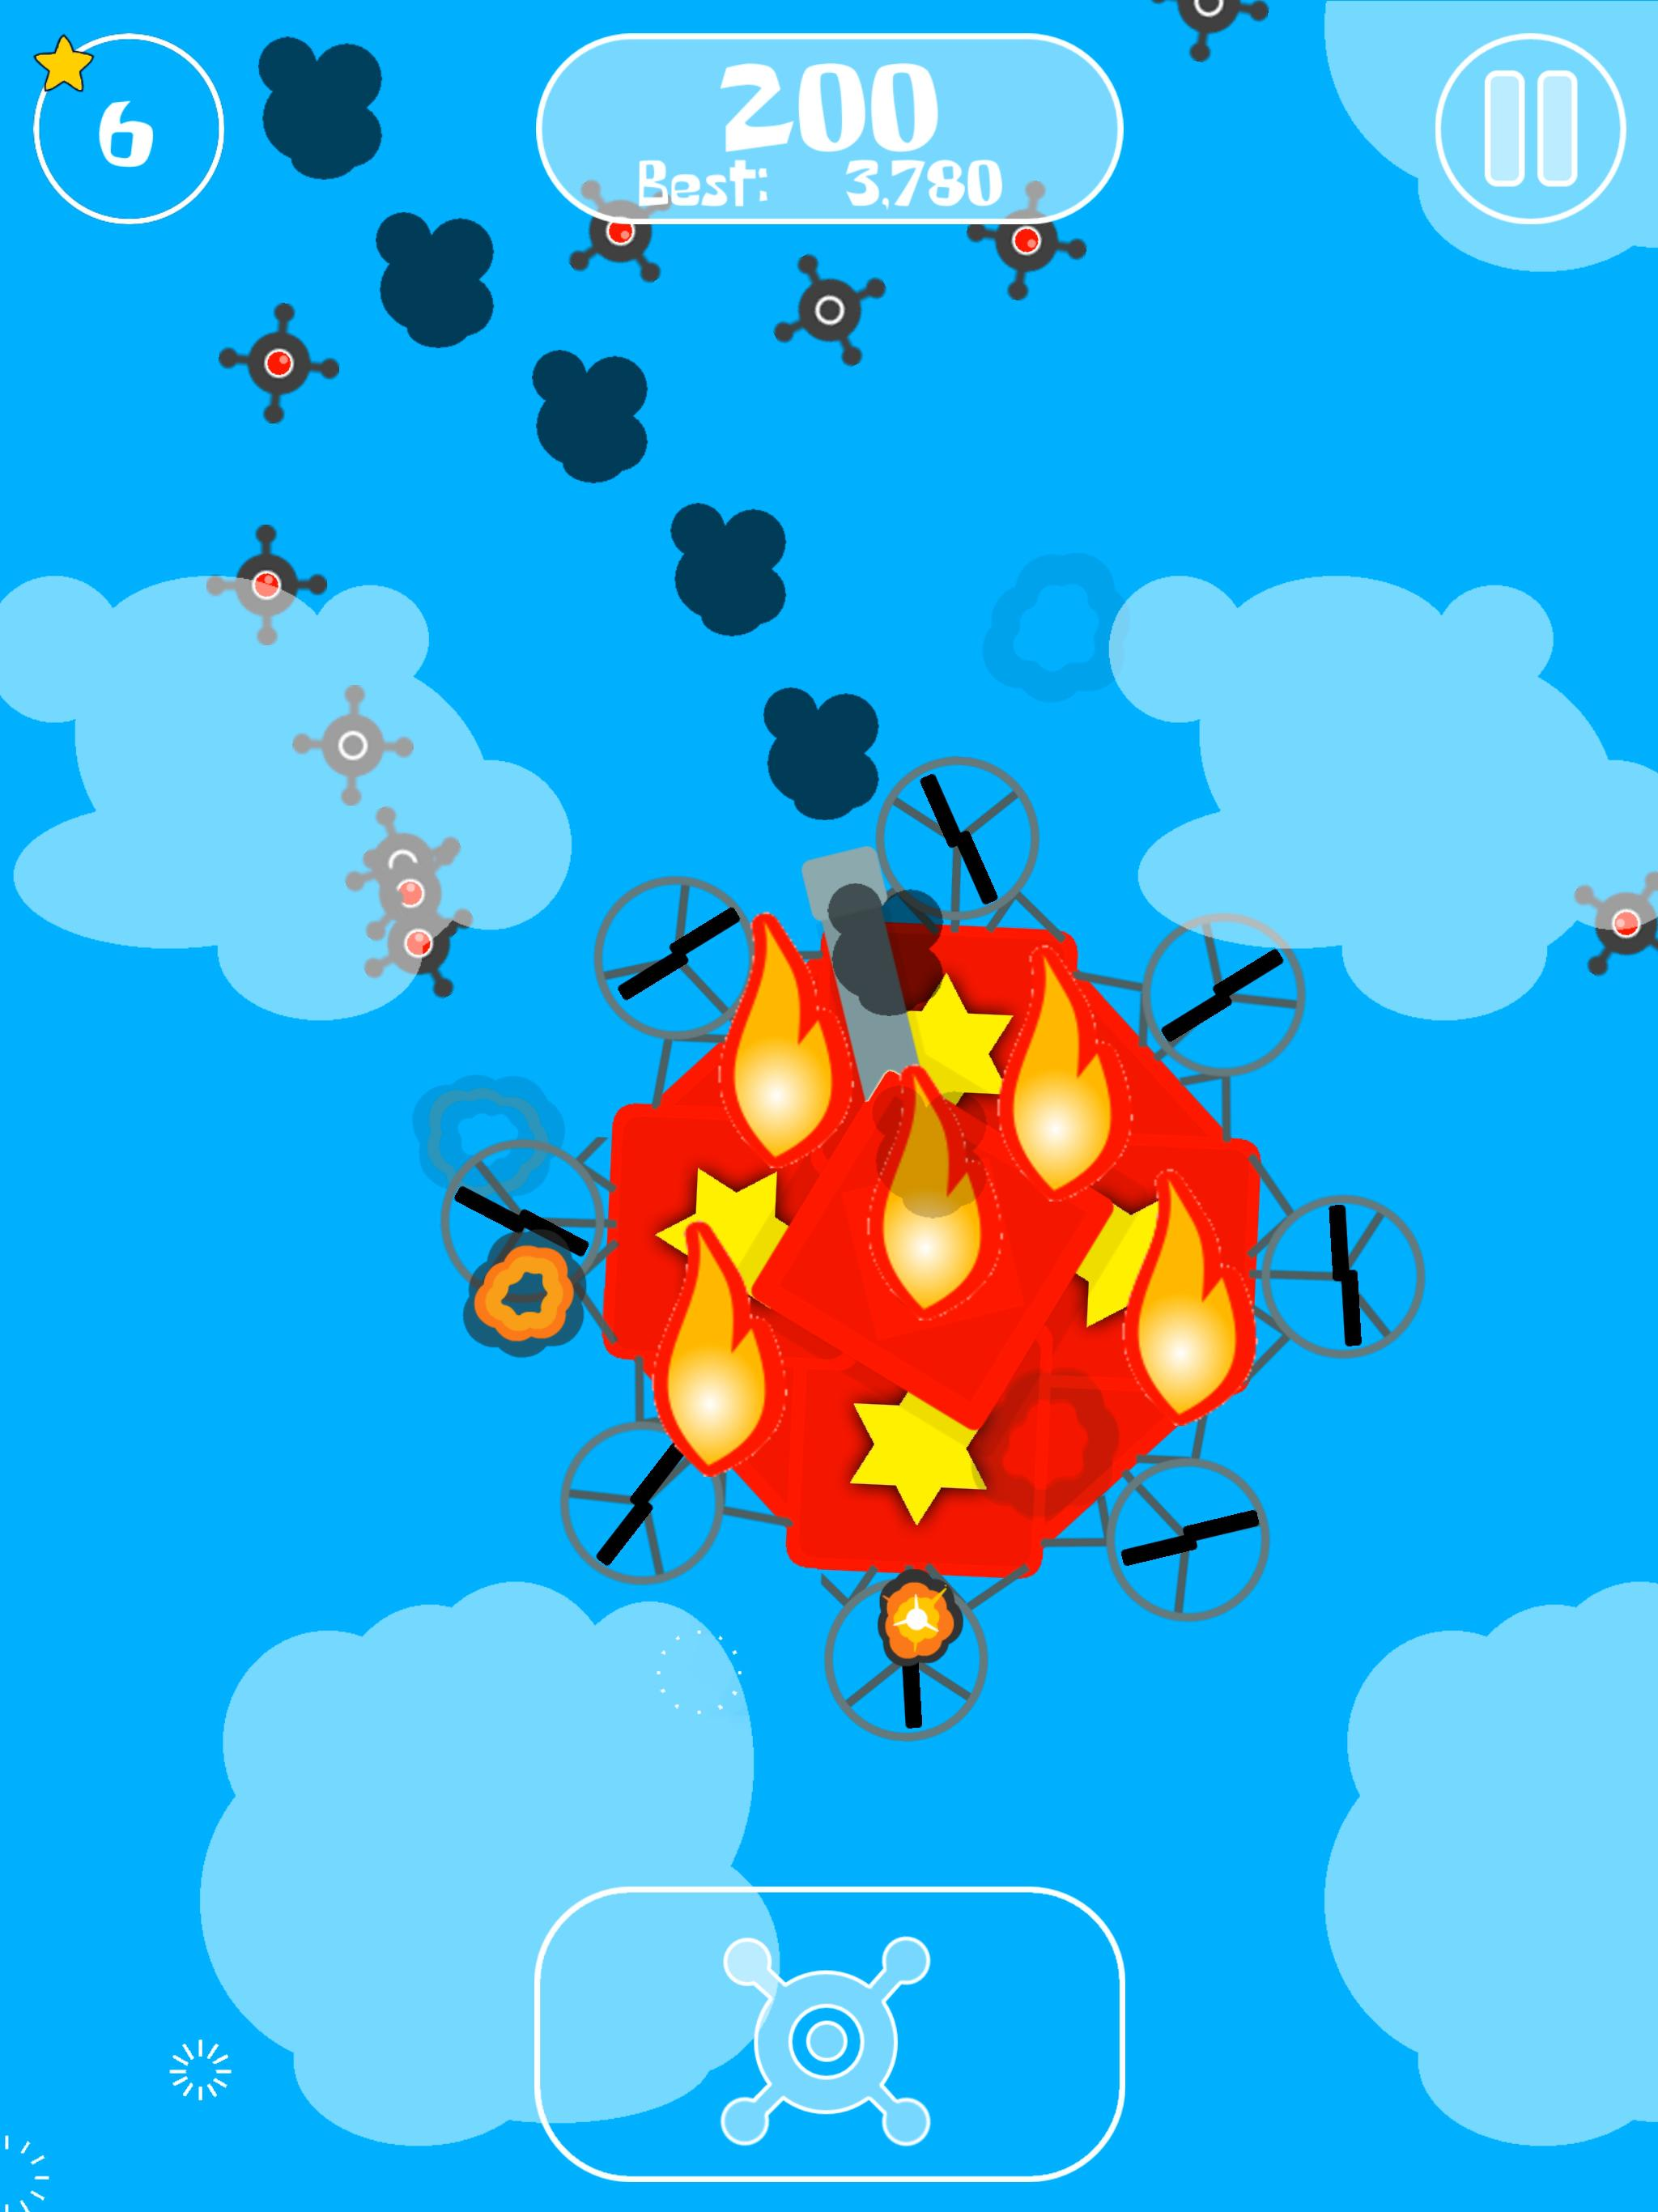 Bird vs. Drone 1.27 Screenshot 10